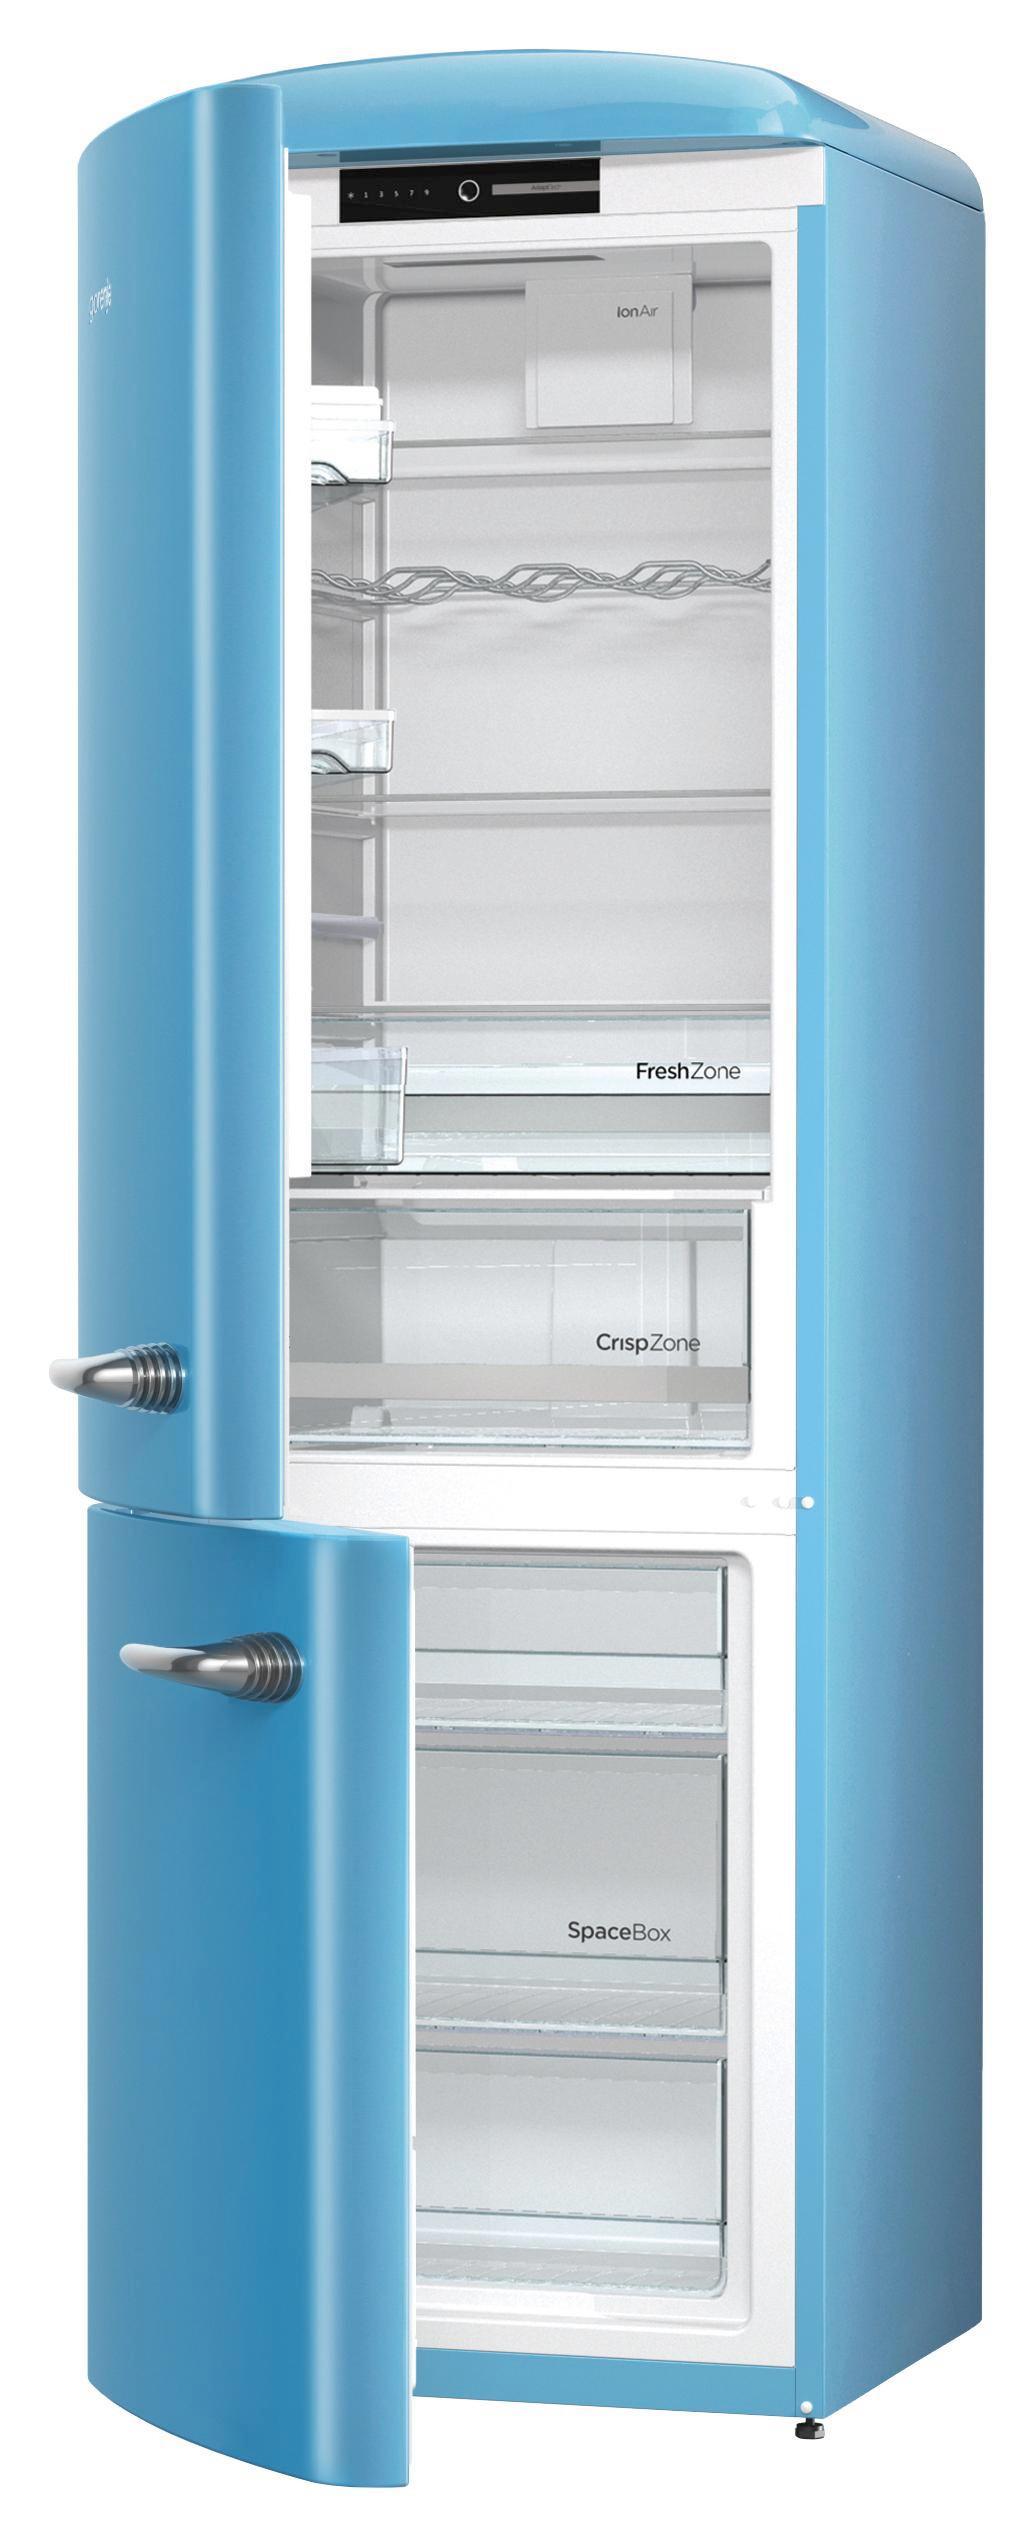 Gorenje Kühlschrank Türablage : Gorenje rk obl blau mediamarkt